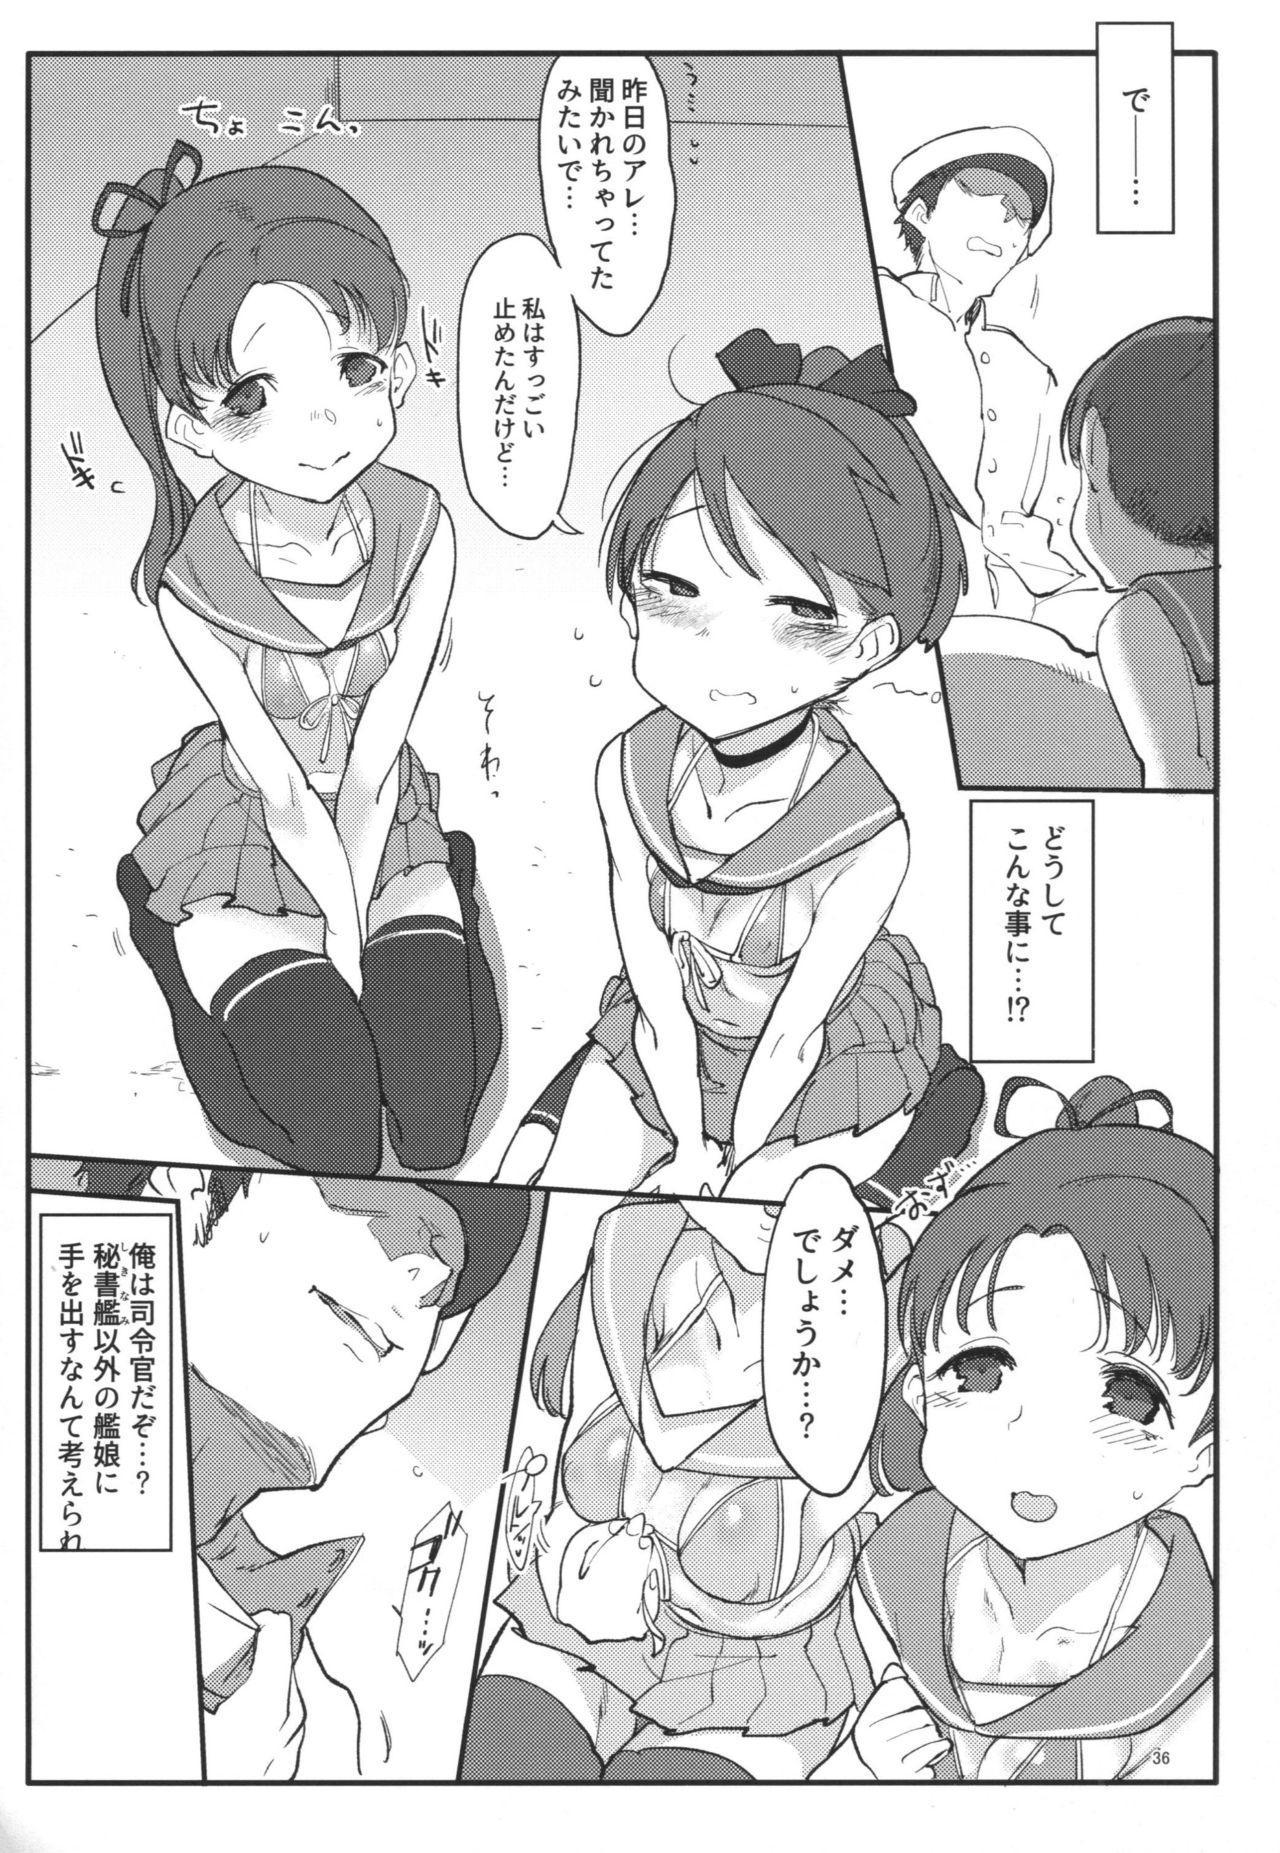 Hentai Selection 34